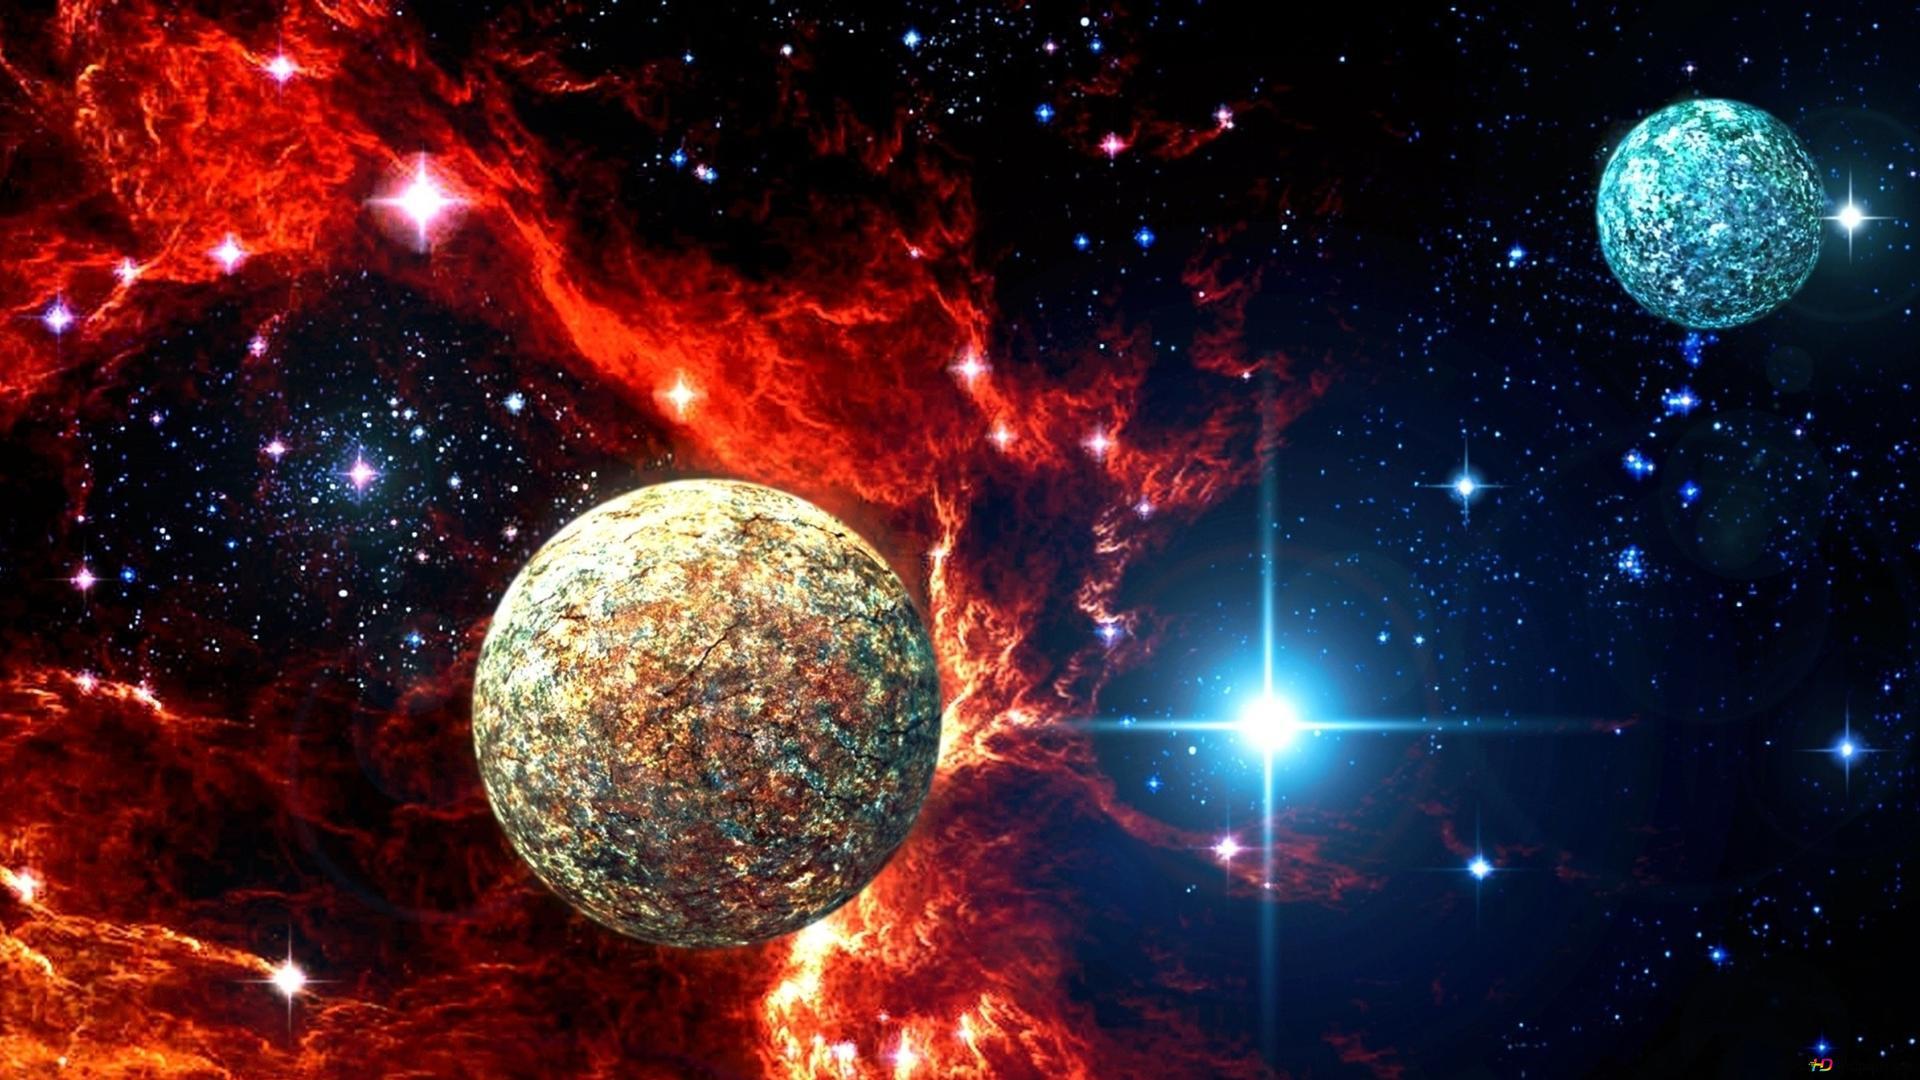 Espace Nebuleuse Et Planetes Hd Fond D Ecran Telecharger